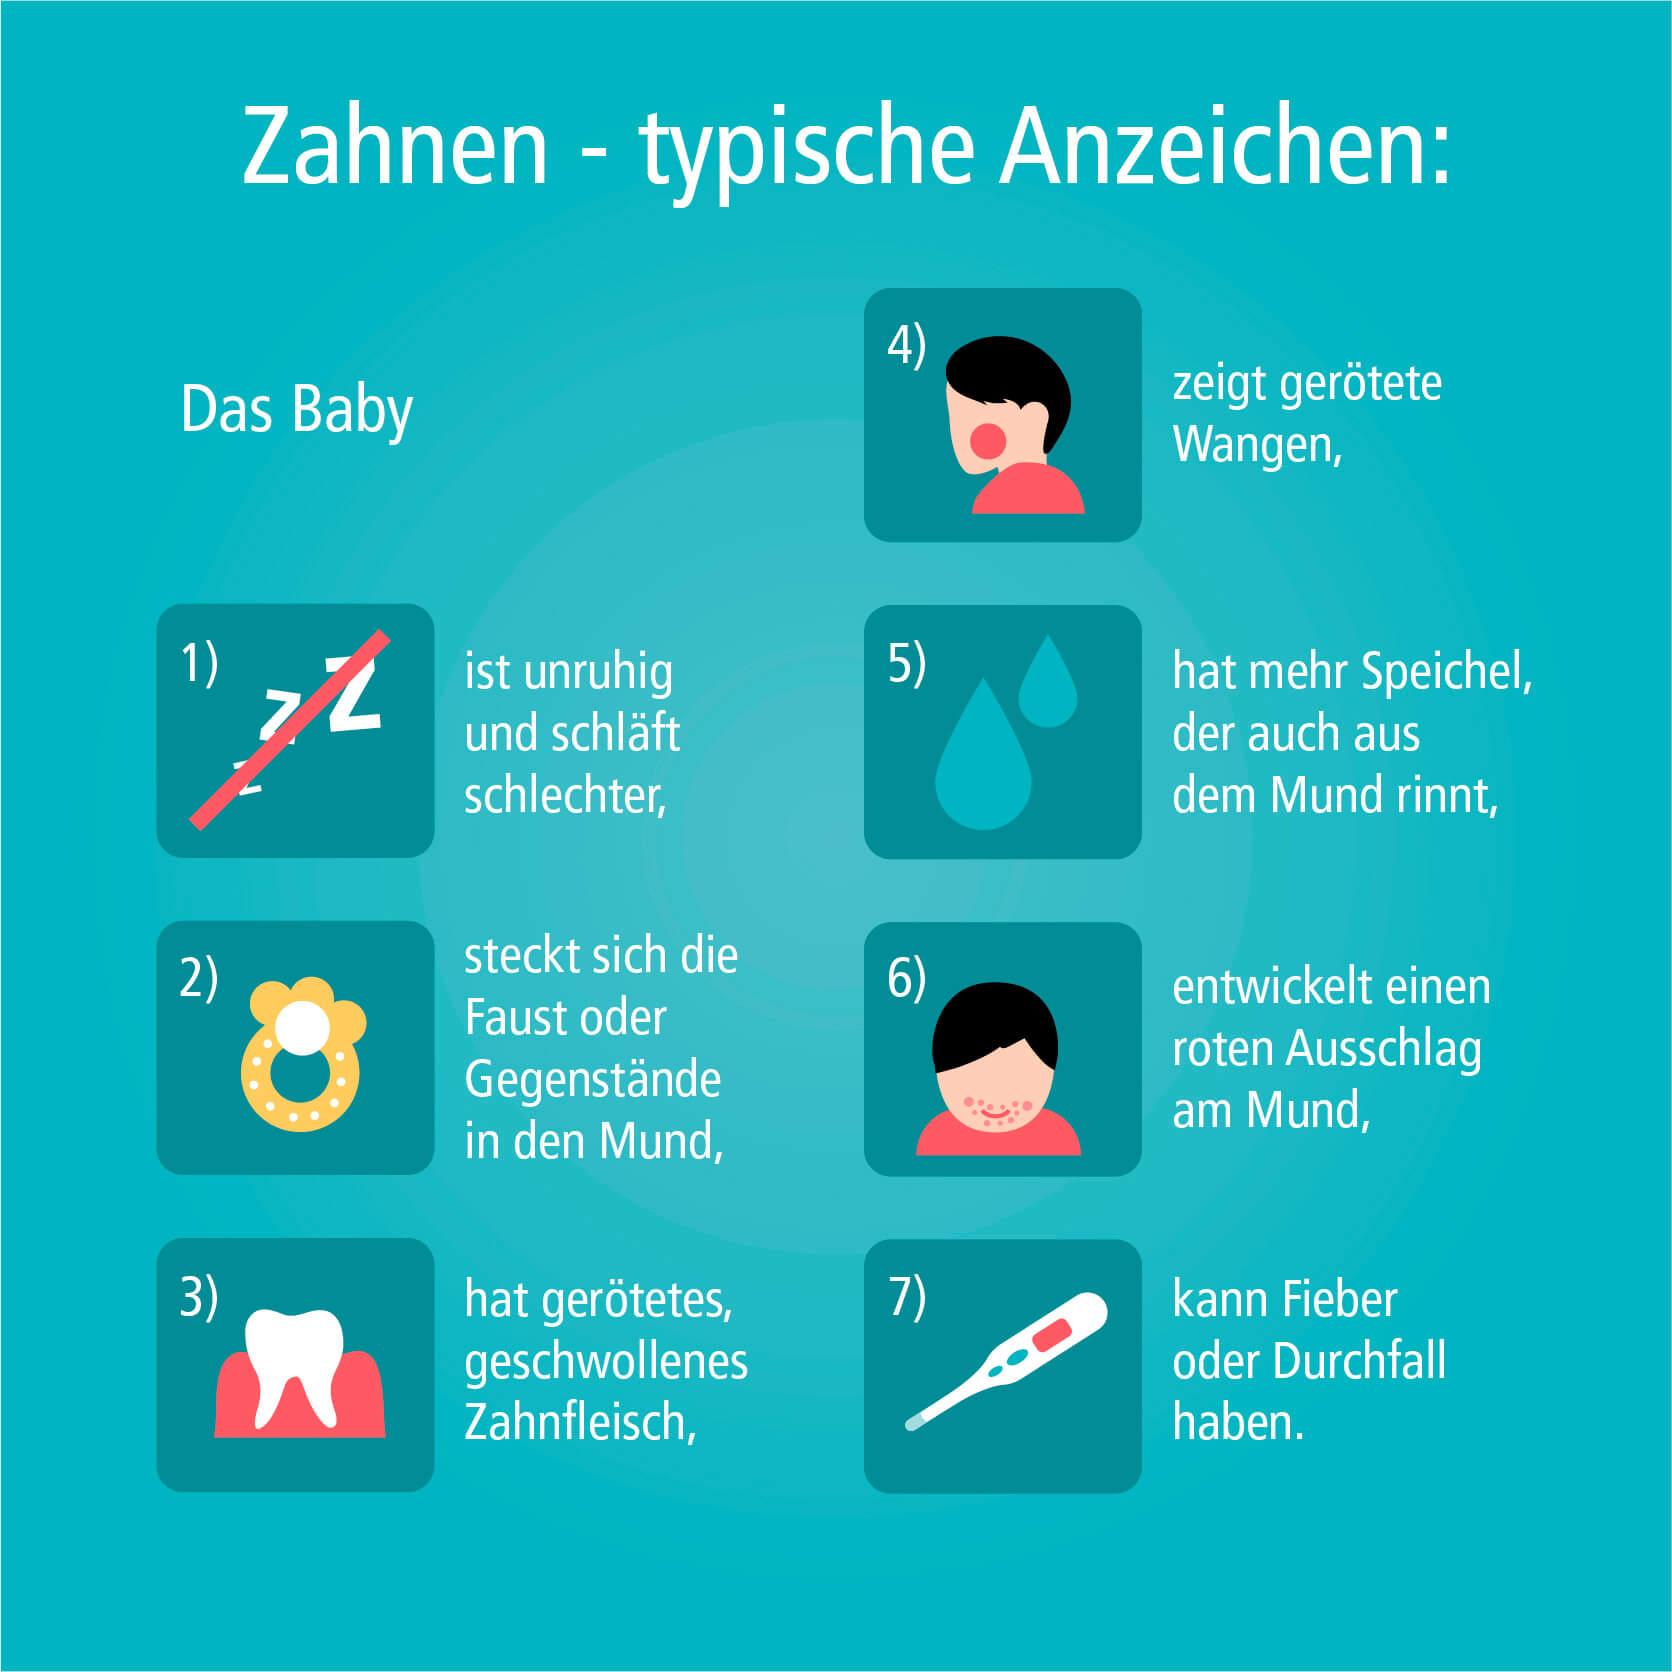 Wann die ersten Milchzähne durchbrechen, ist individuell verschieden. Ebenso kann das Zahnen bei dem einen Baby problemlos verlaufen und beim anderen Probleme bereiten. Woran ist zu erkennen, ob Säuglinge Zähne bekommen und was hilft? Bei den meisten Säuglingen brechen im Alter von etwa sechs Monaten als erste Milchzähne die unteren Schneidezähne durch. Es folgen die oberen Schneidezähne. Bis alle 20 Milchzähne da sind, vergehen in der Regel etwa zweieinhalb Jahre.